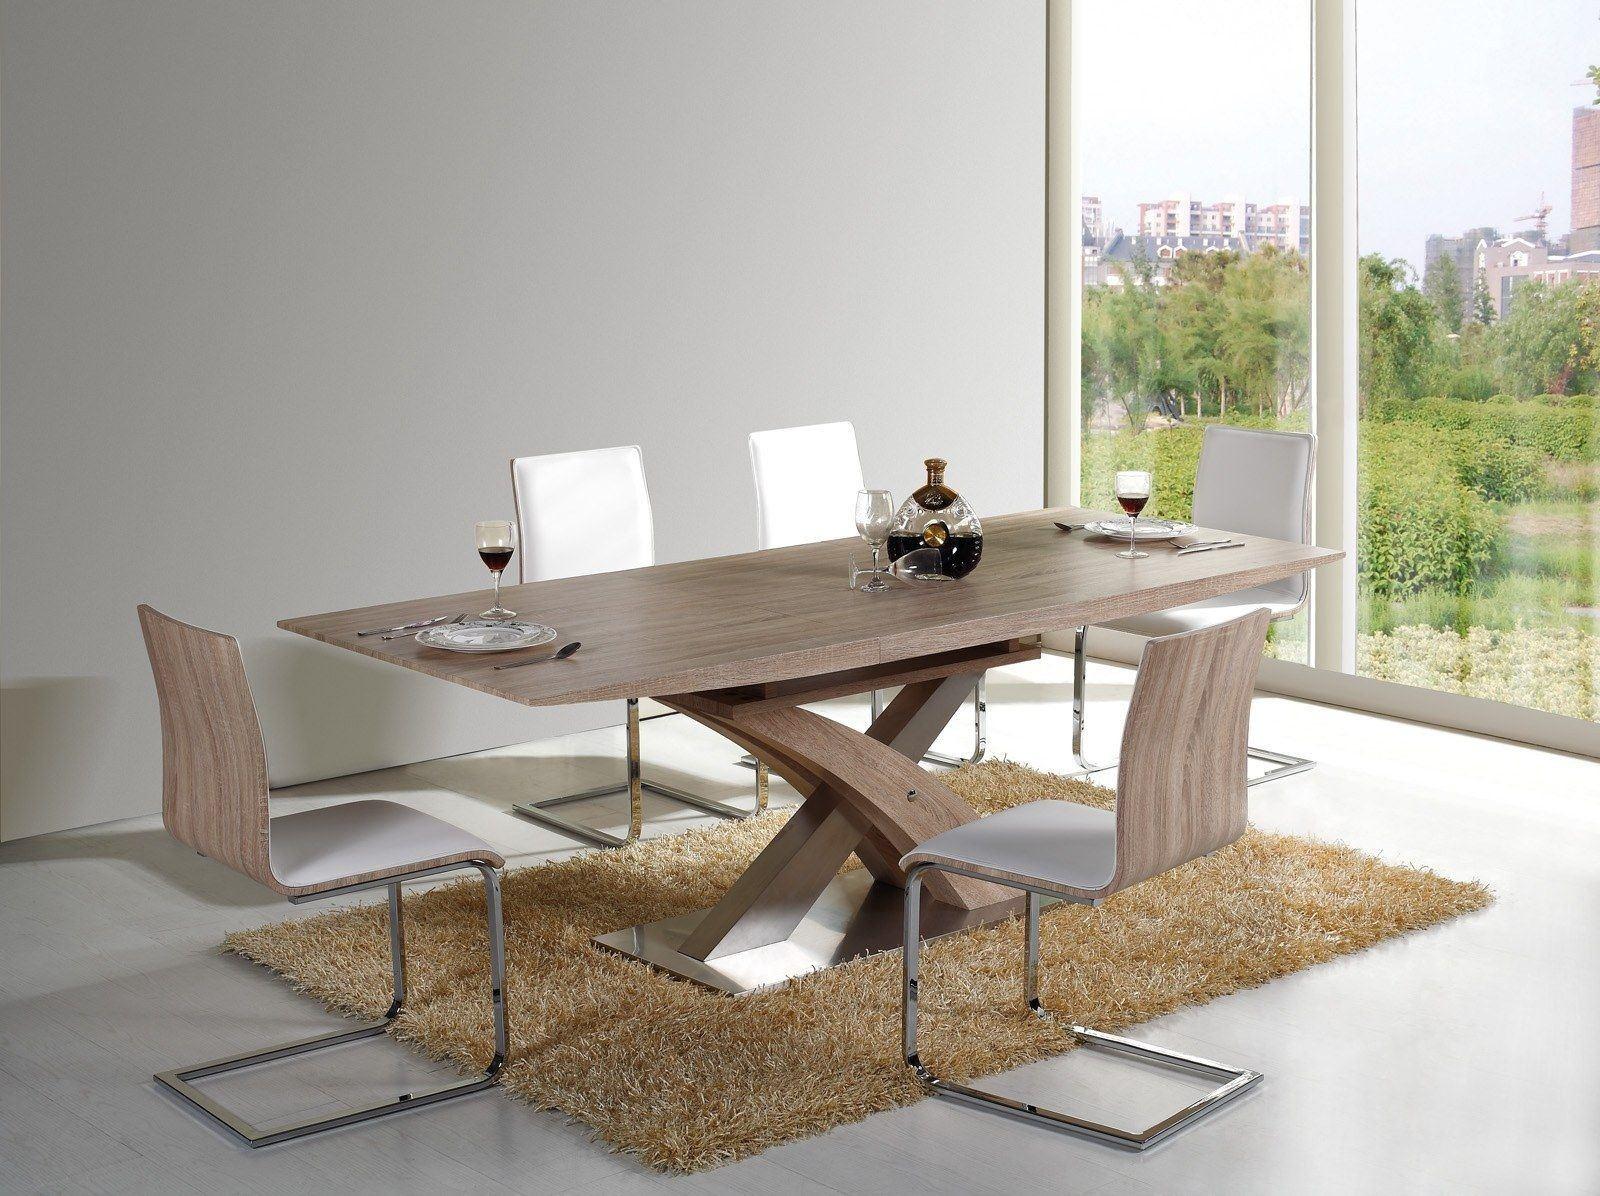 Esstisch Raul mit edlen Metallfuss Fuß und Holz Tischplatte. Erweiterbar von 160cm auf 220cm.